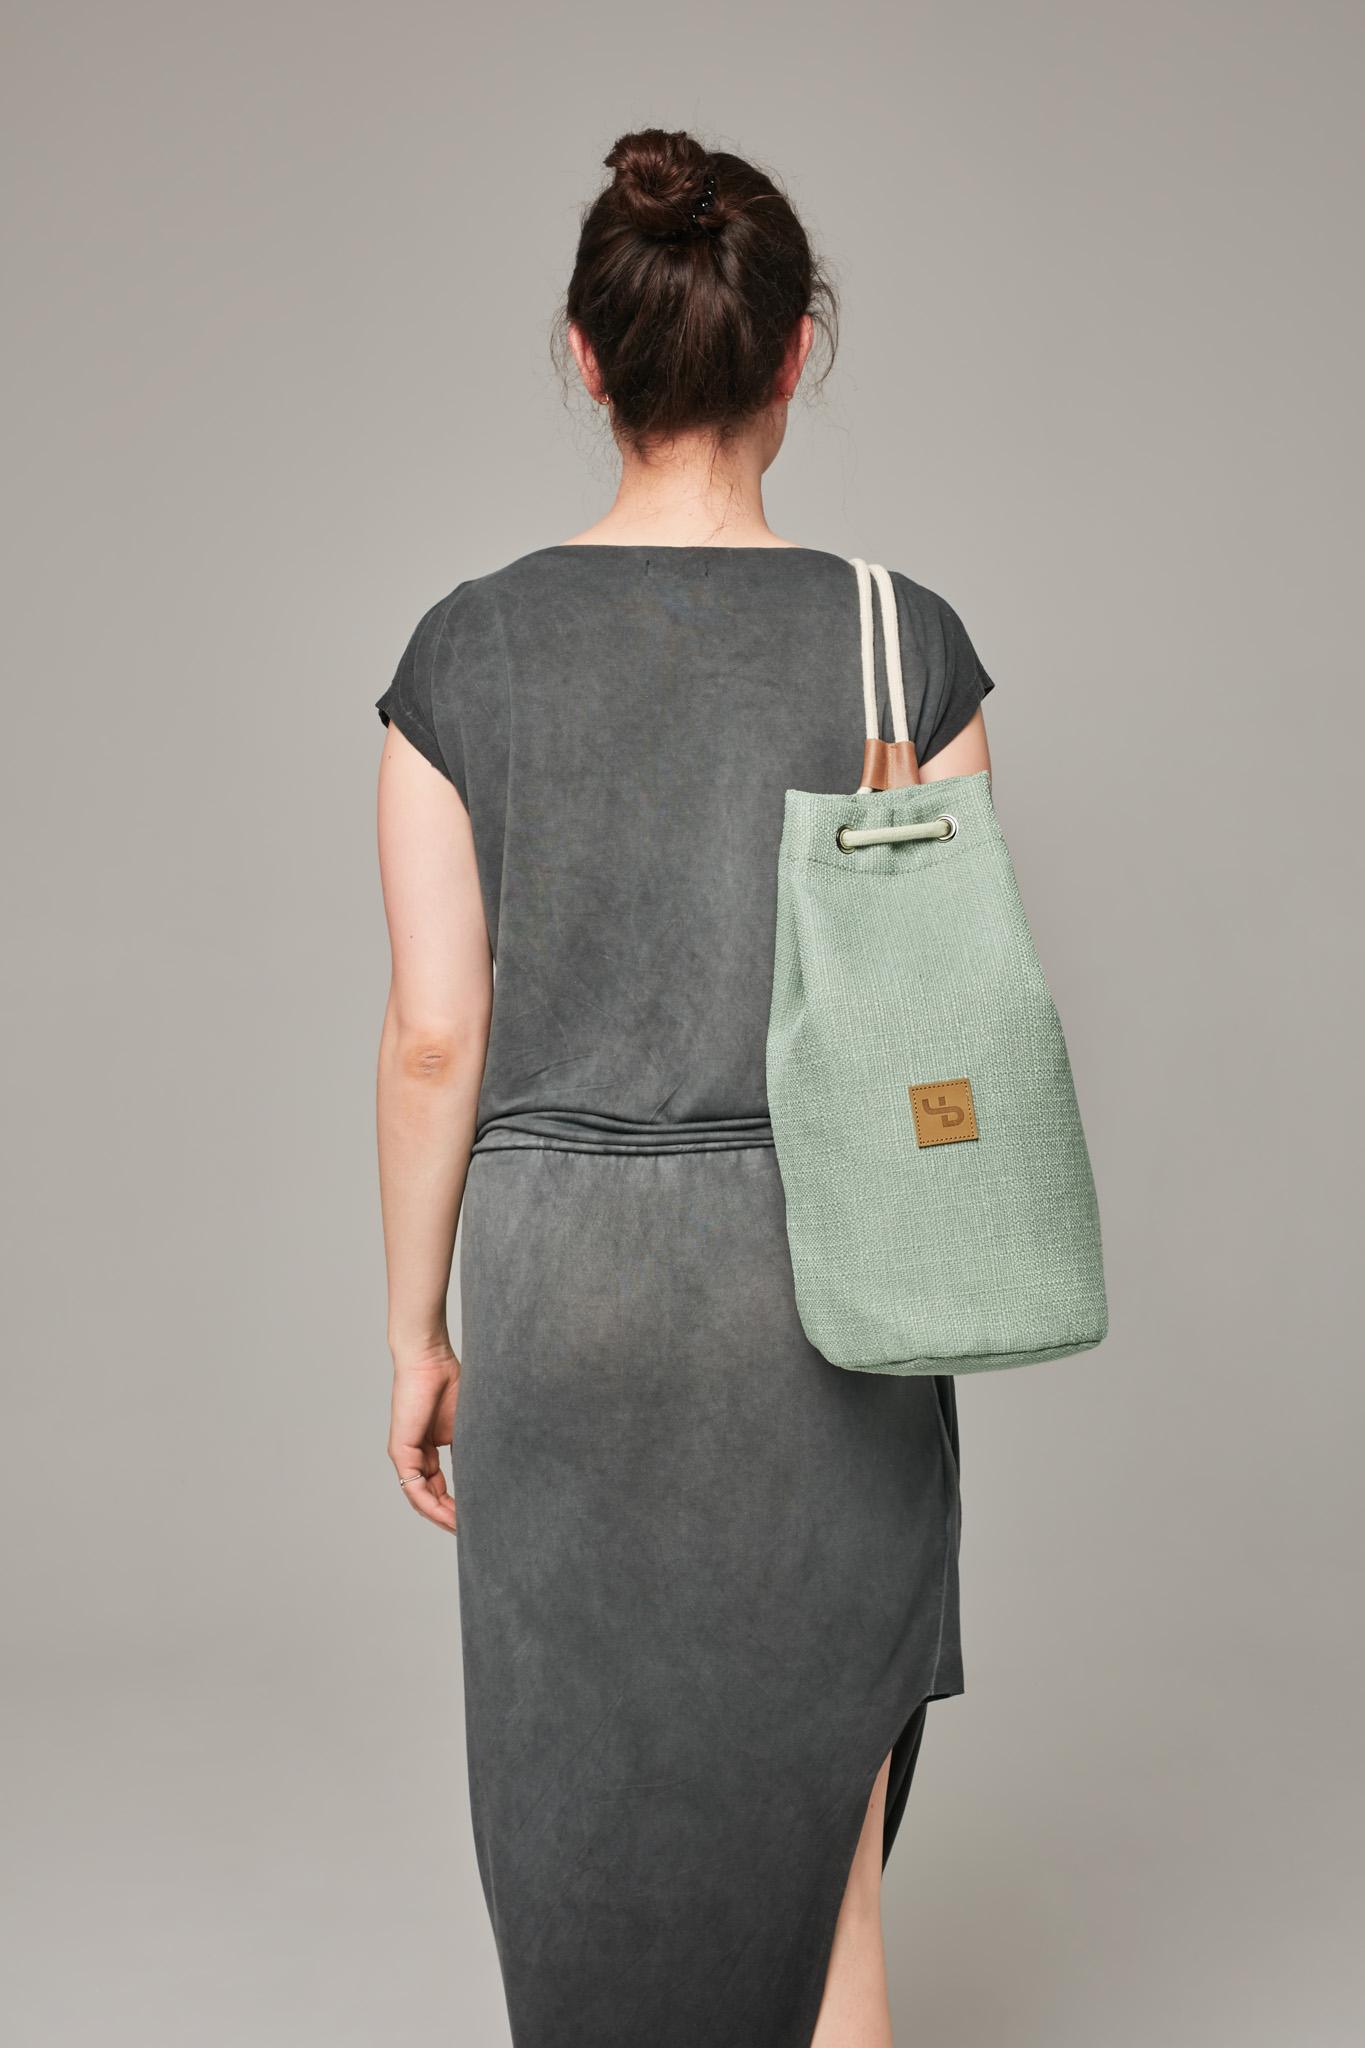 Miętowy plecak-tuba / fresh mint nieprzemakalny wytrzymały na wyjazd - Lootbag